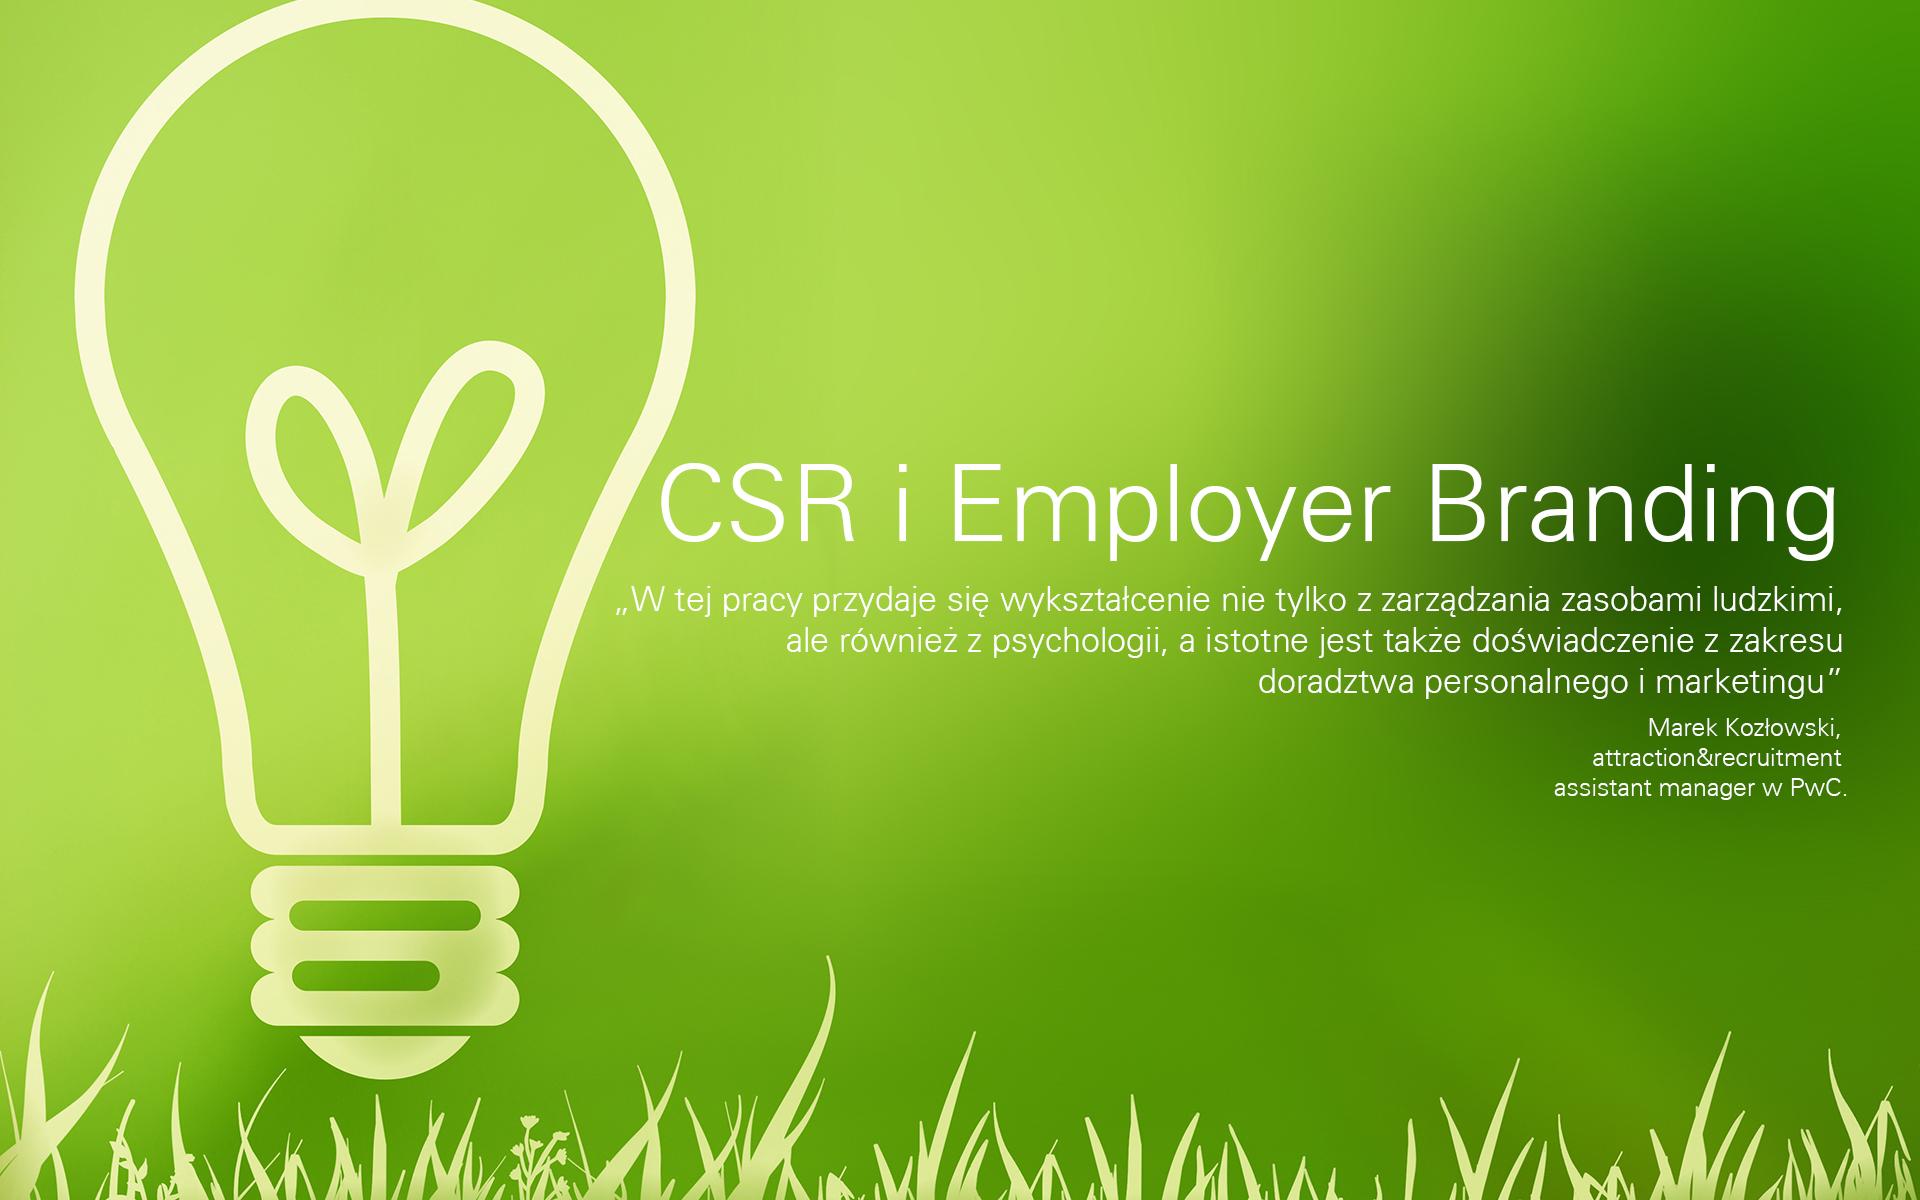 Oferty pracy w CSR i Employer Brandingu